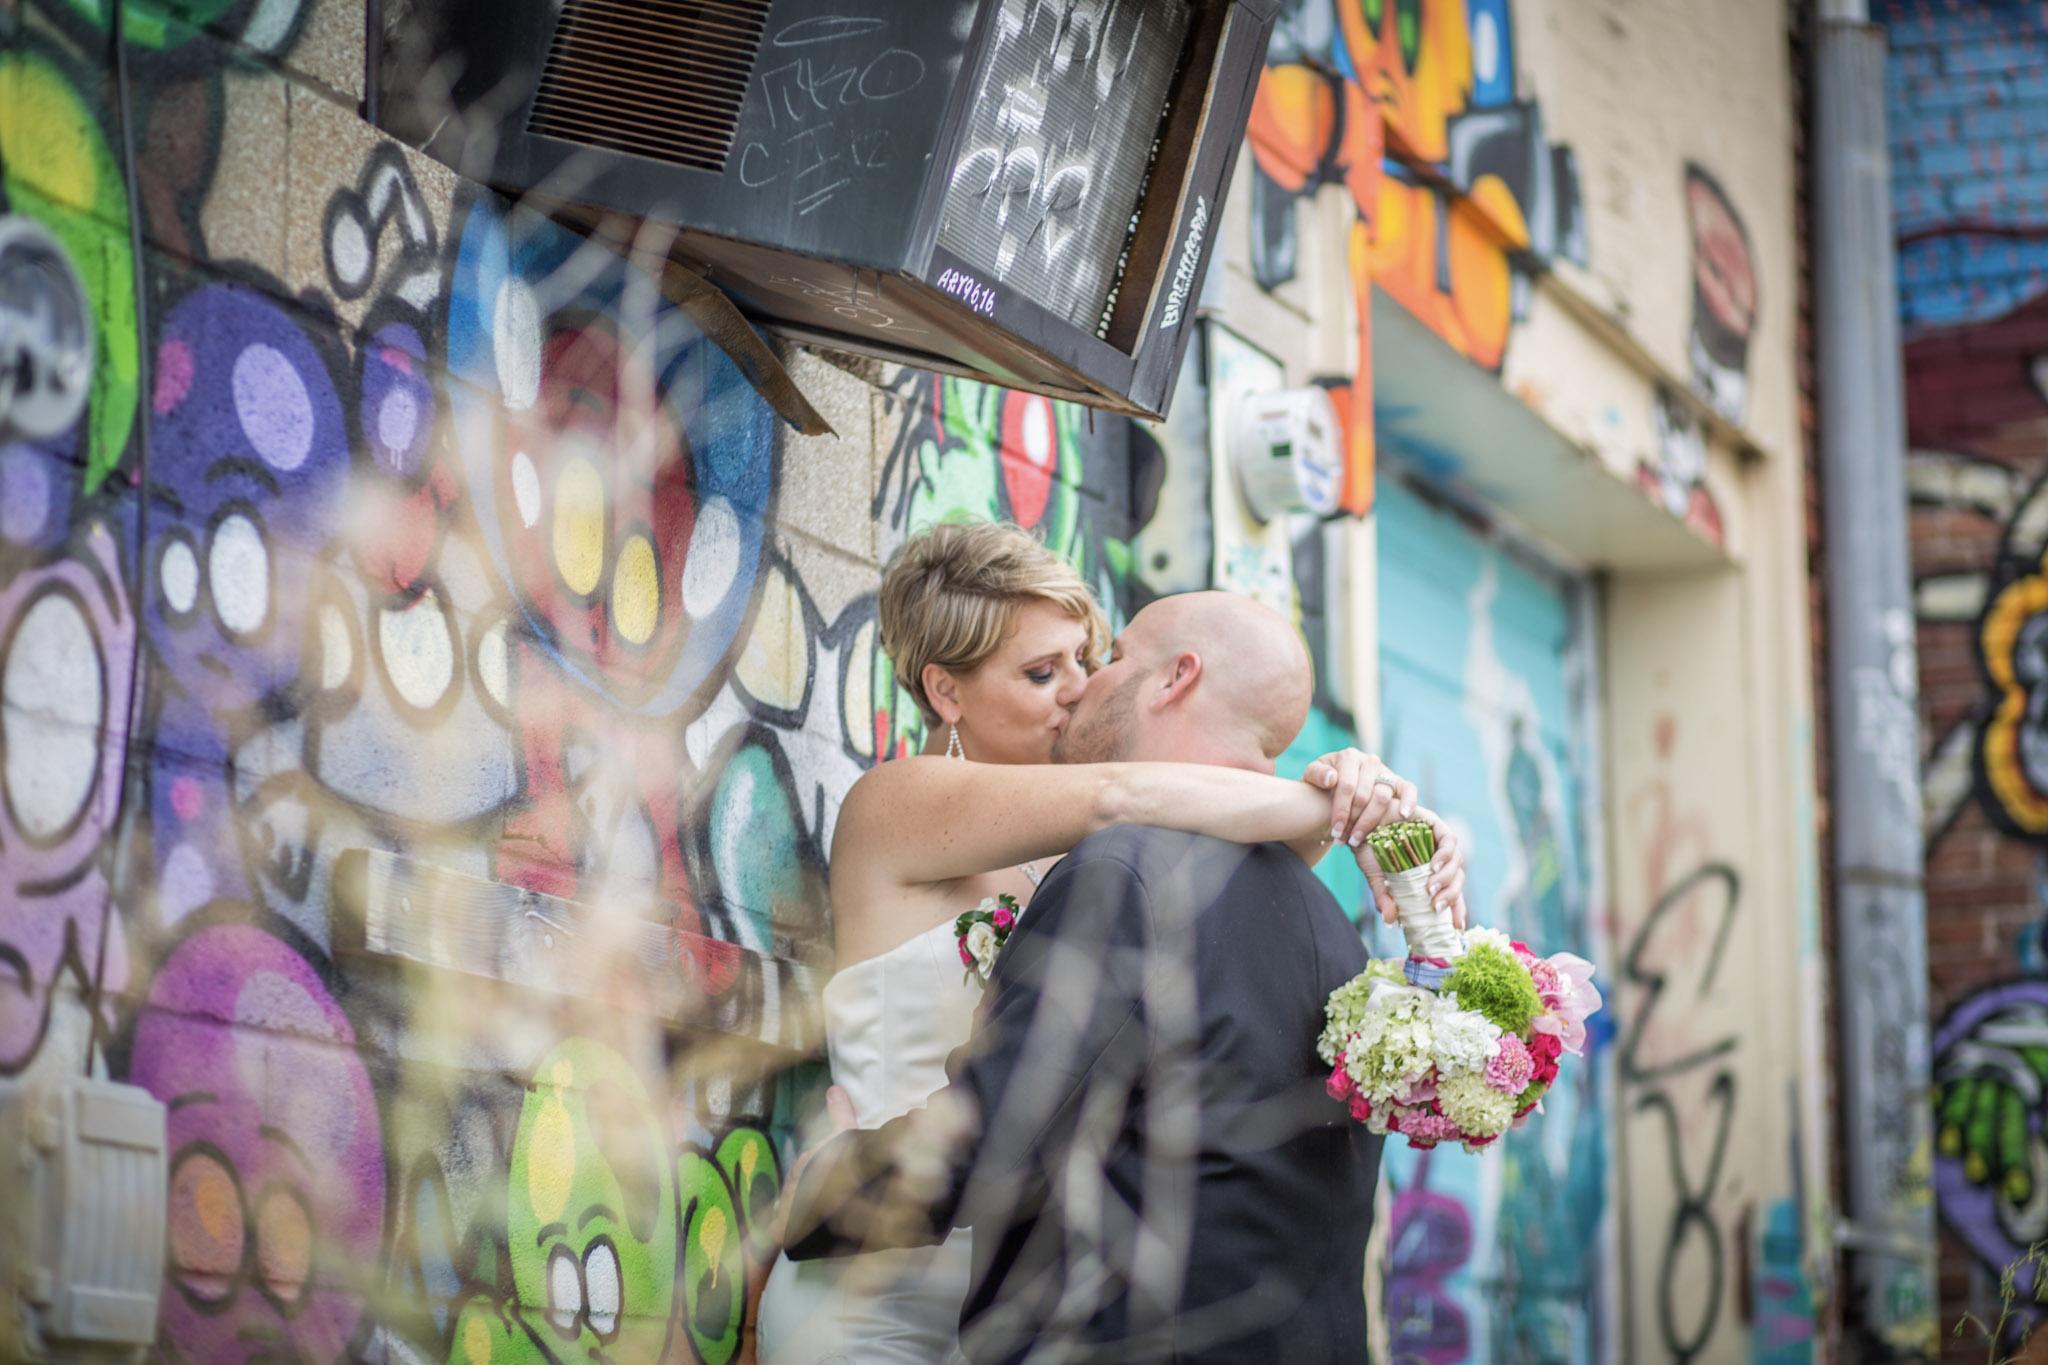 Kansas+City-Small+Wedding-Elope_Intimate_Ceremony_Melanie+David-19.jpg